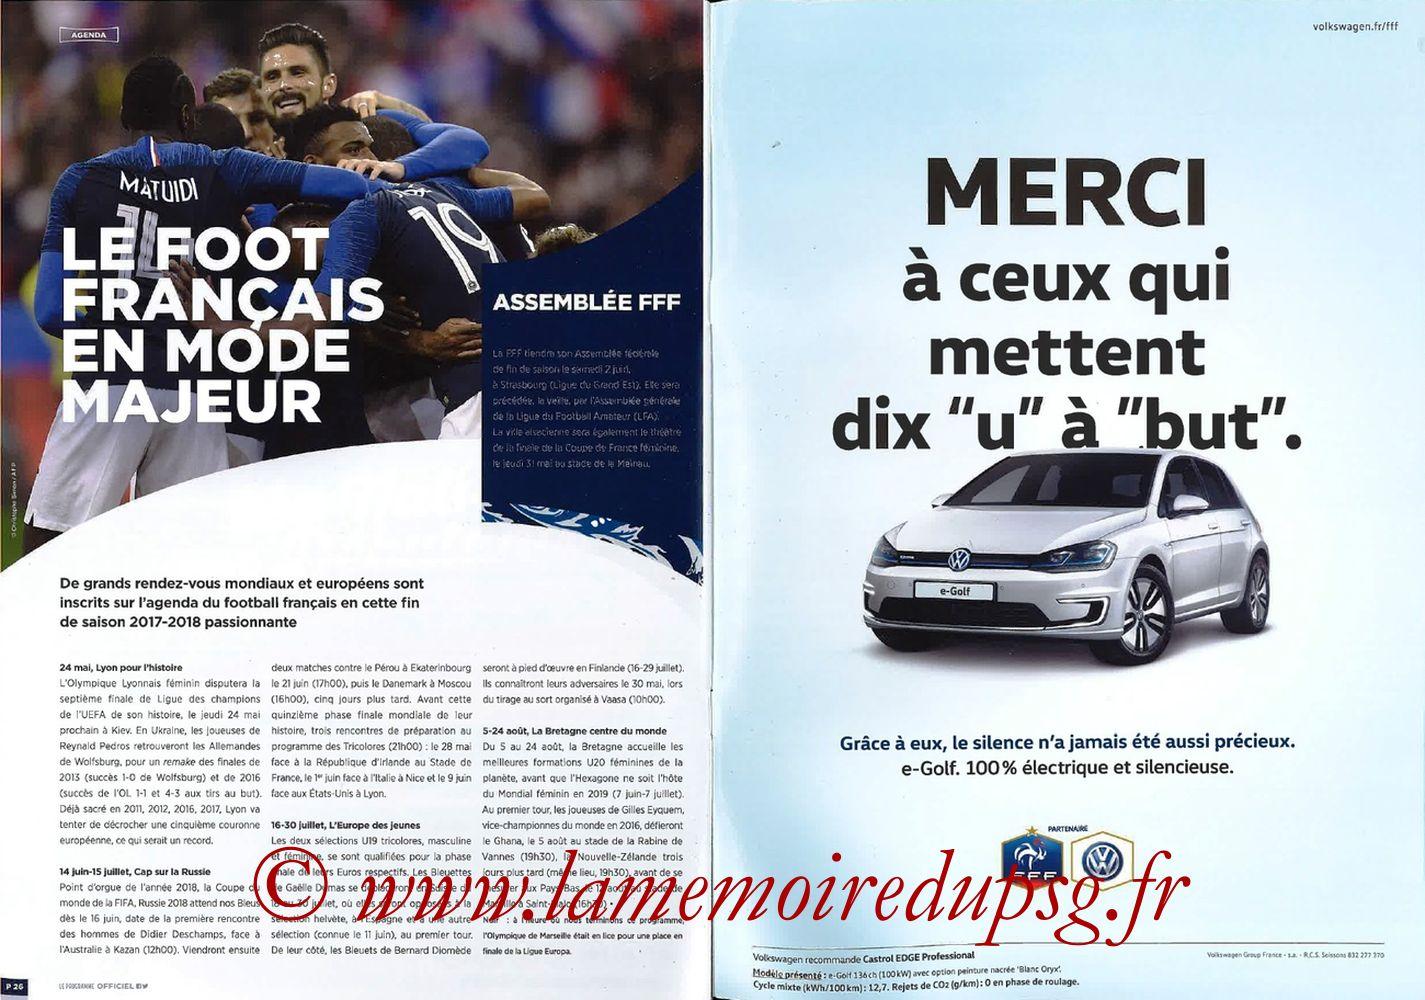 2018-05-08  Les Herbiers-PSG (Finale CF à Saint-Denis, Programme officiel FFF) - Pages 26 et 27